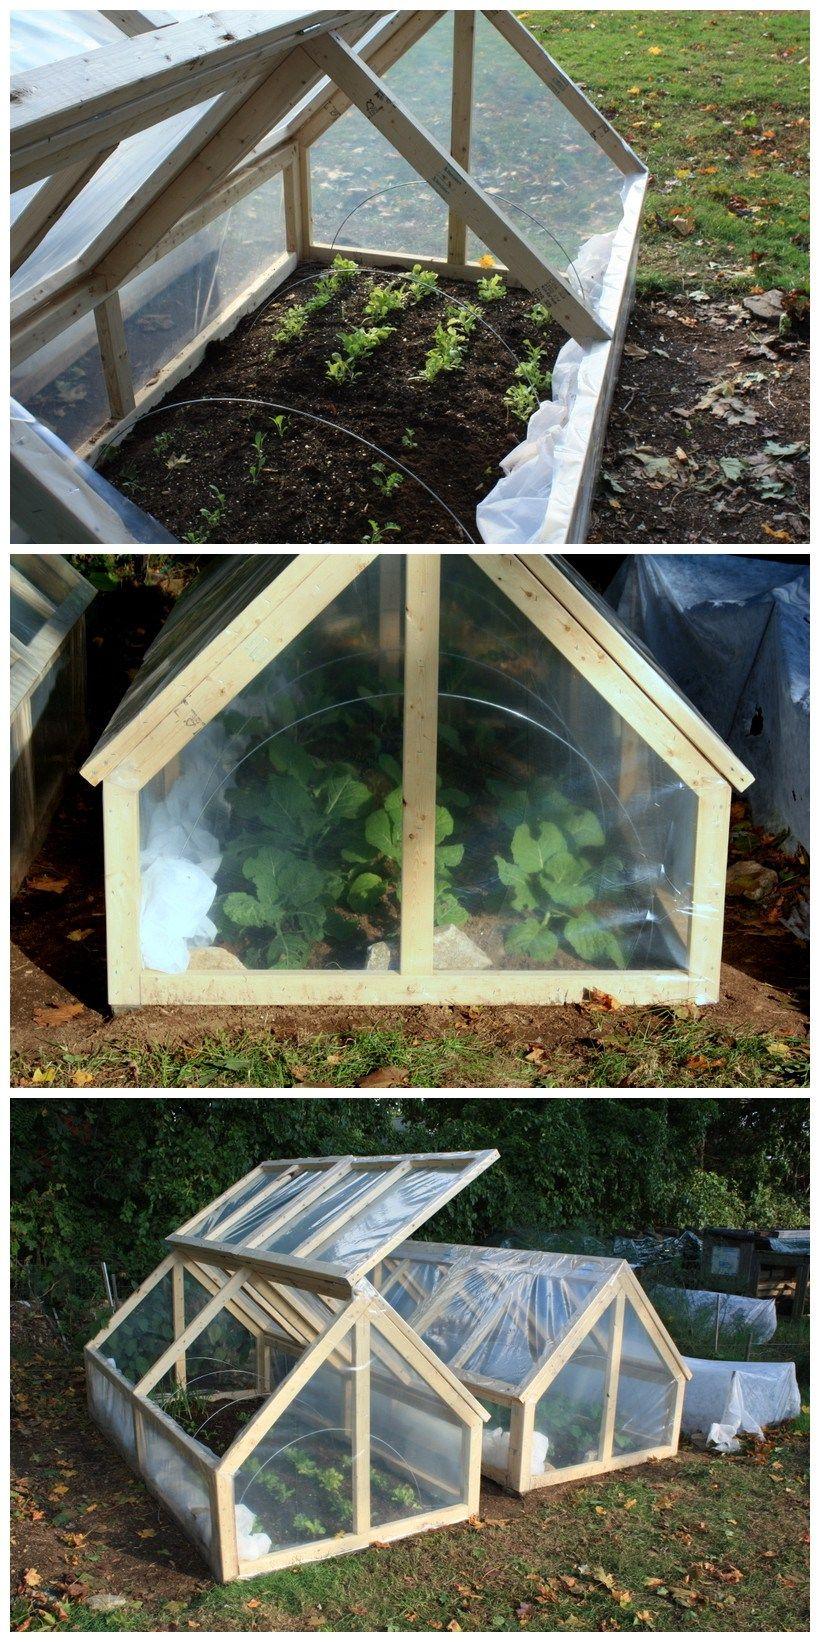 16 Awesome Diy Greenhouse Projects With Tutorials Garten Gewachs Garten Hochbeet